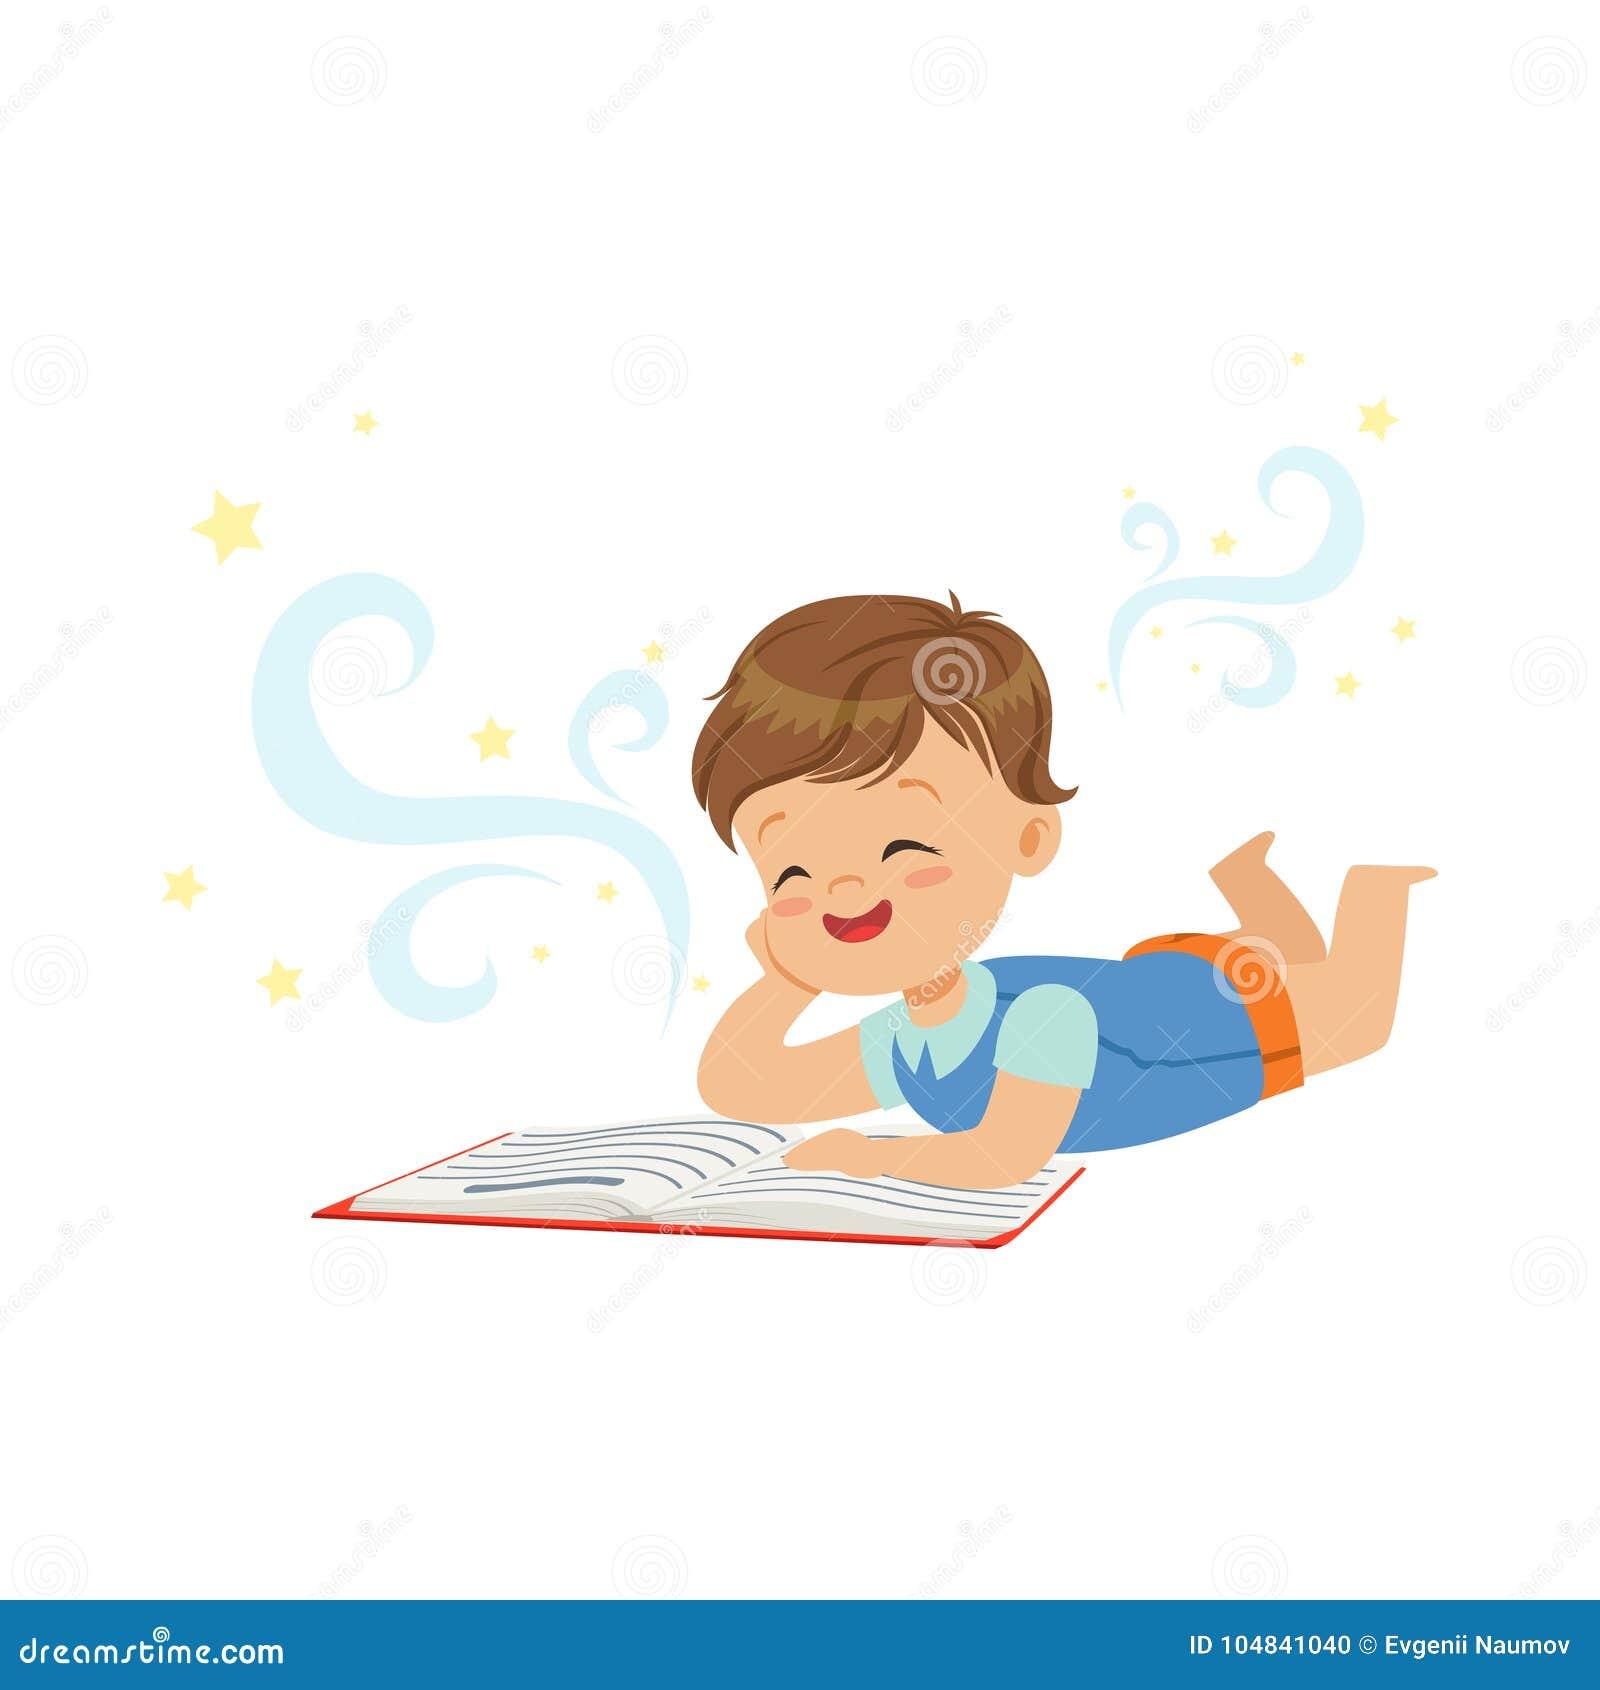 Grappig weinig jongen die en magisch boek met fantasieverhalen liggen lezen Interessant kinderjaren en verbeeldingsconcept